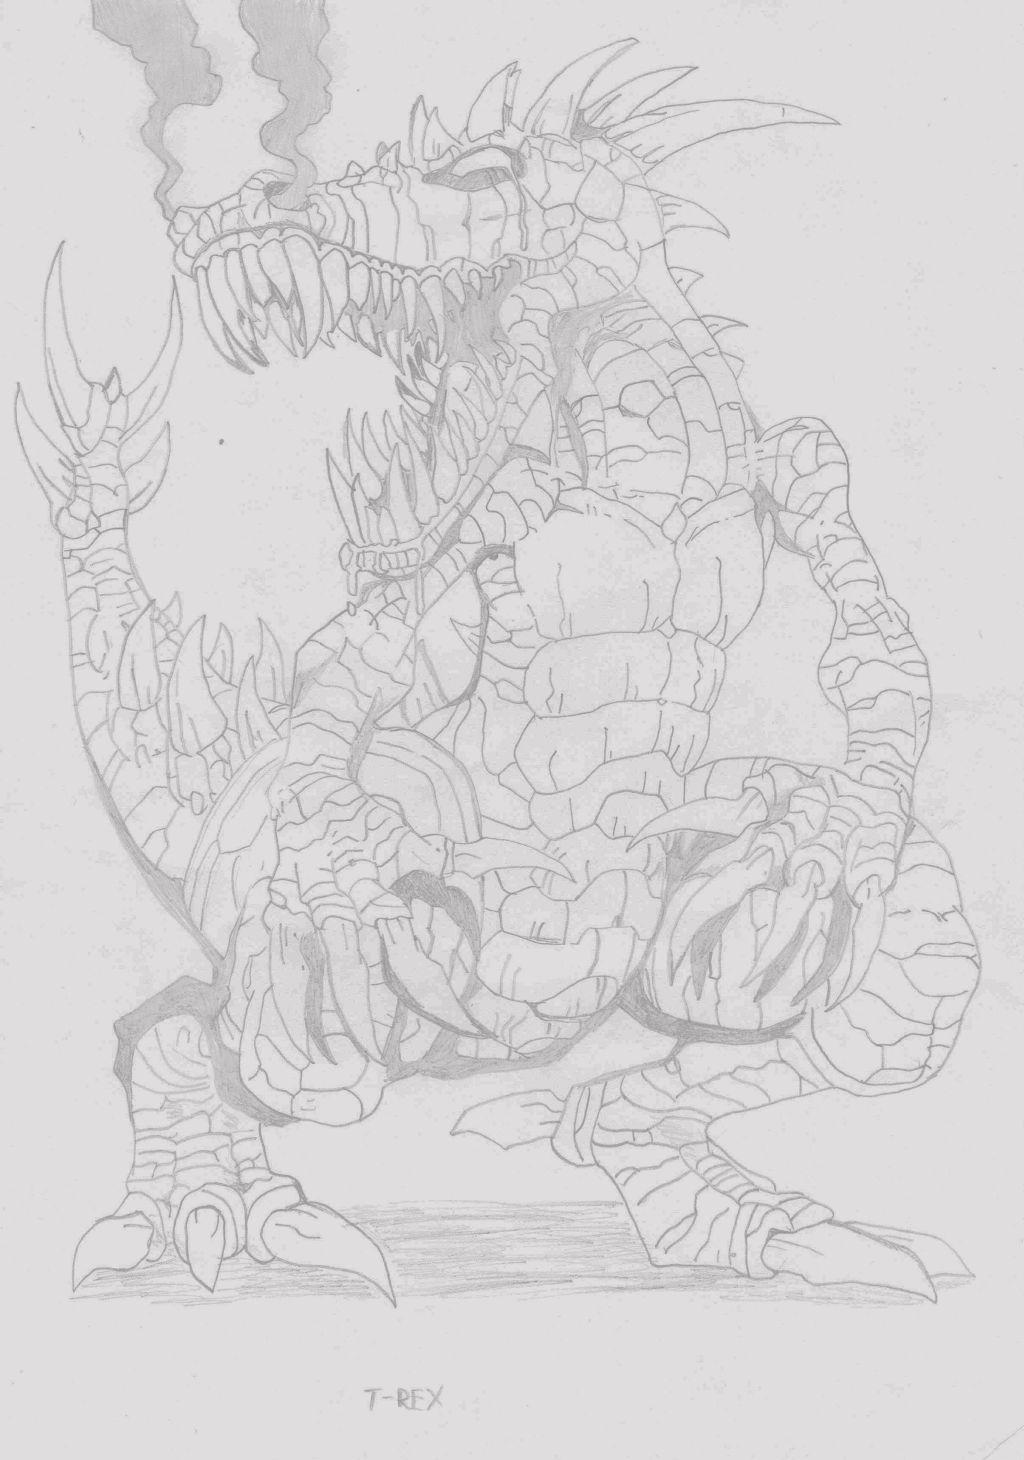 Mutated T-Rex